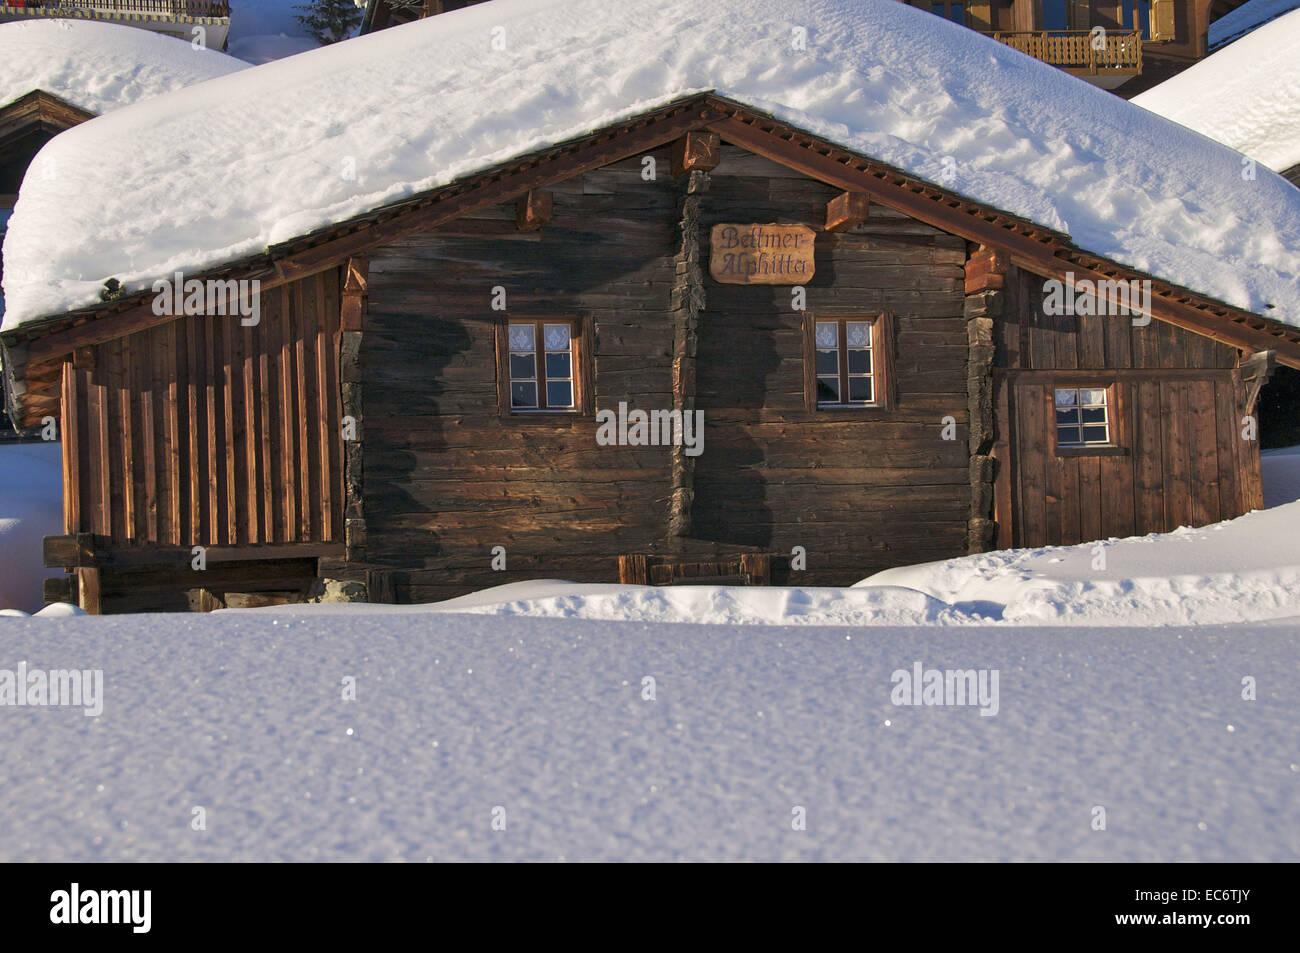 freshly snowed in chalet, Wallis - Stock Image